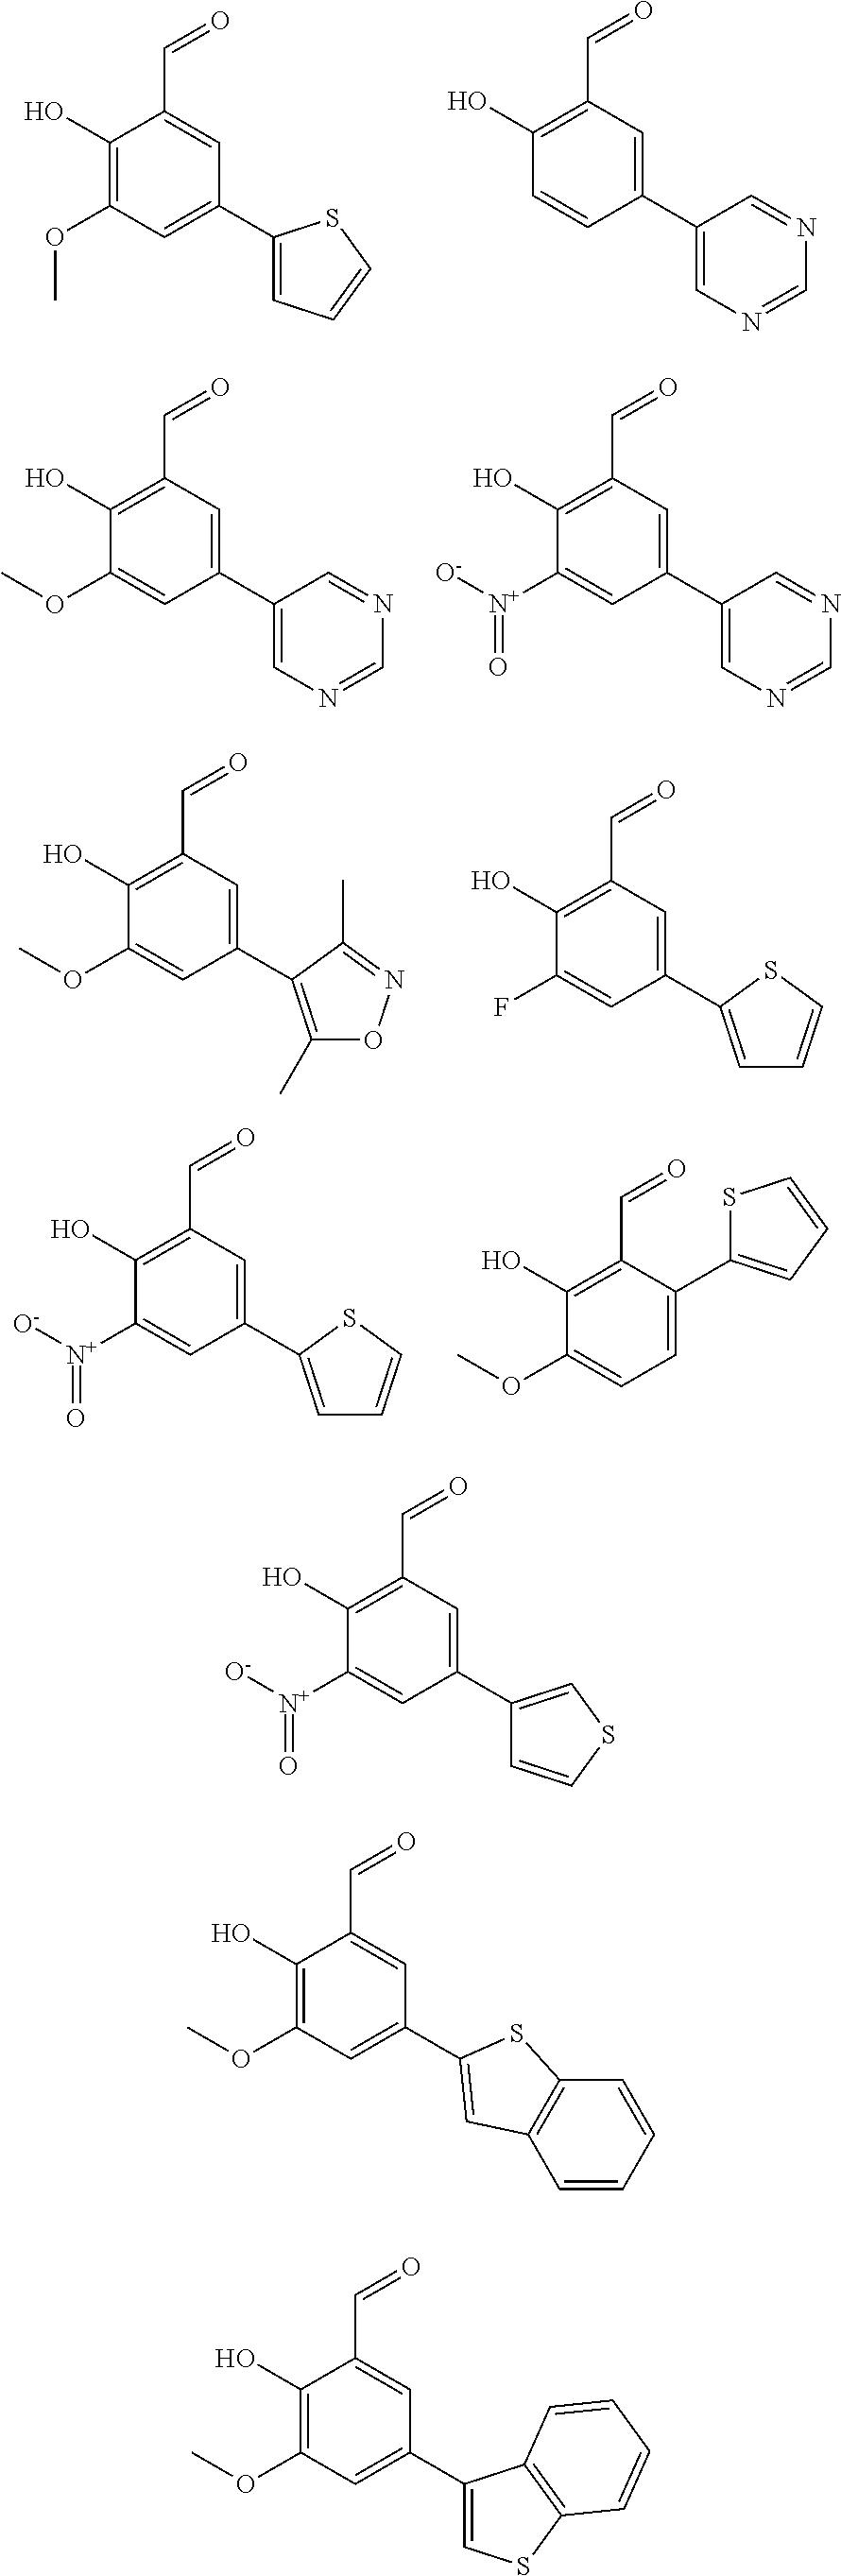 Figure US20110065162A1-20110317-C00109